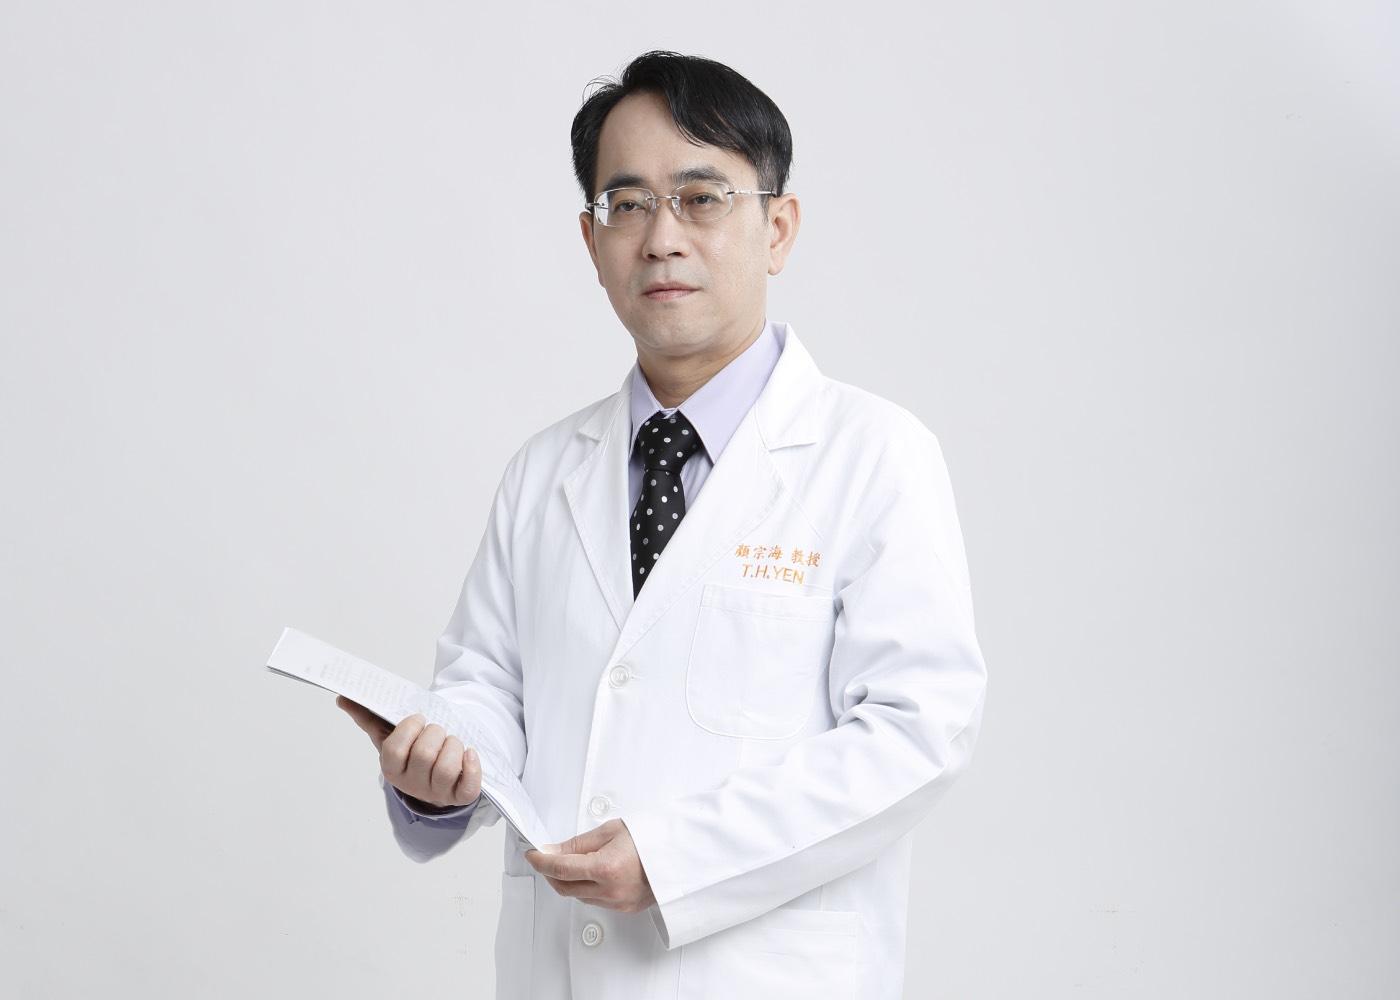 【豆腐食安3-3】花生及咖啡保存不當  小心肝癌及腎臟病找上門